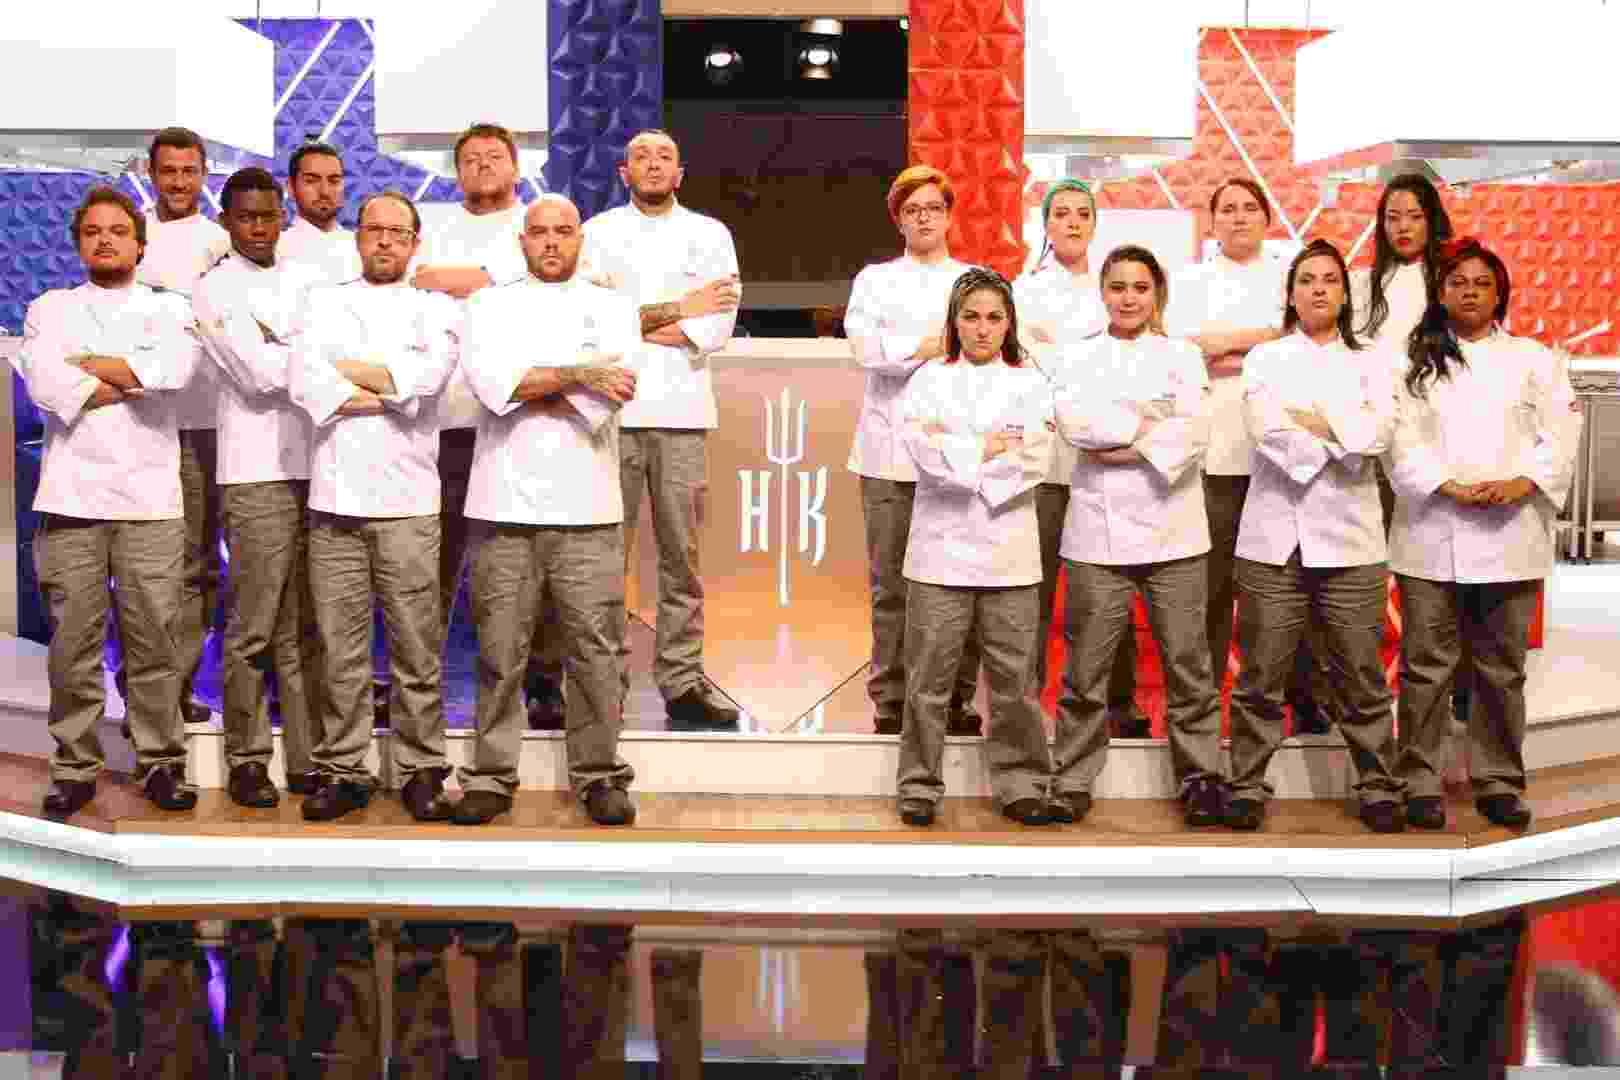 """Participantes do """"Hell's Kitchen - Cozinha Sob Pressão"""" - Leonardo Nones/SBT"""